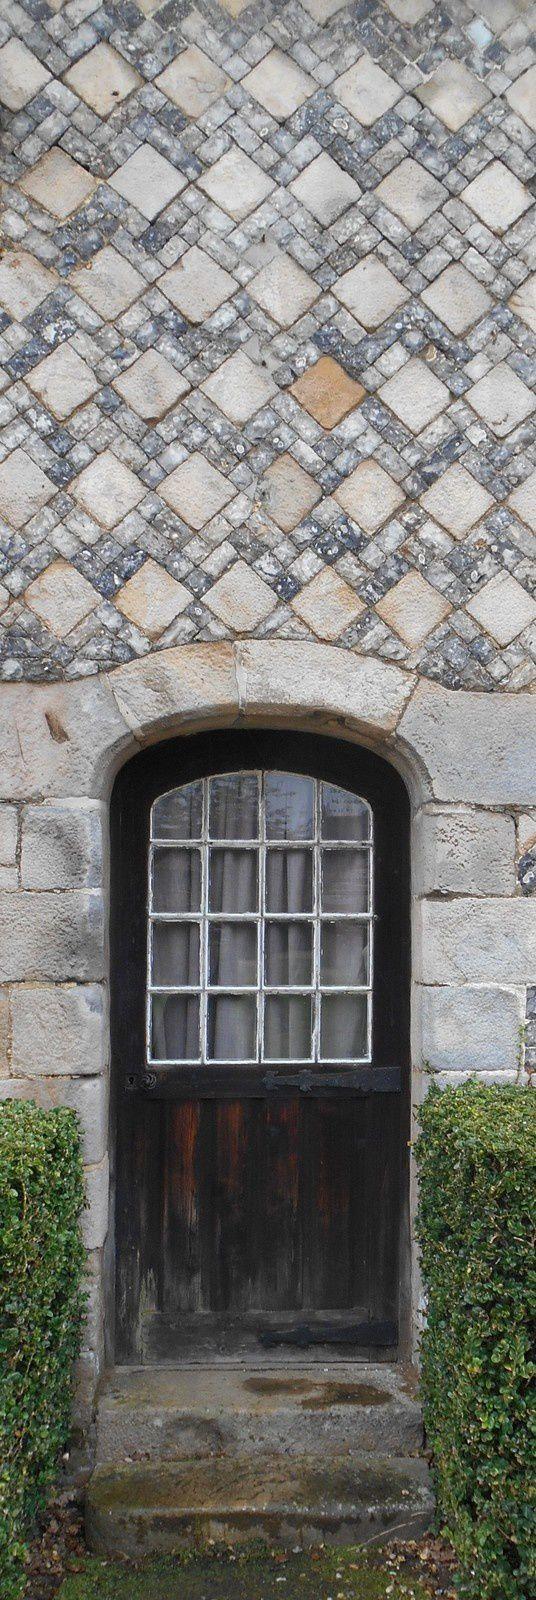 mosaïque de silex taillé, pierre de Seine - Manoir d'Ango 005